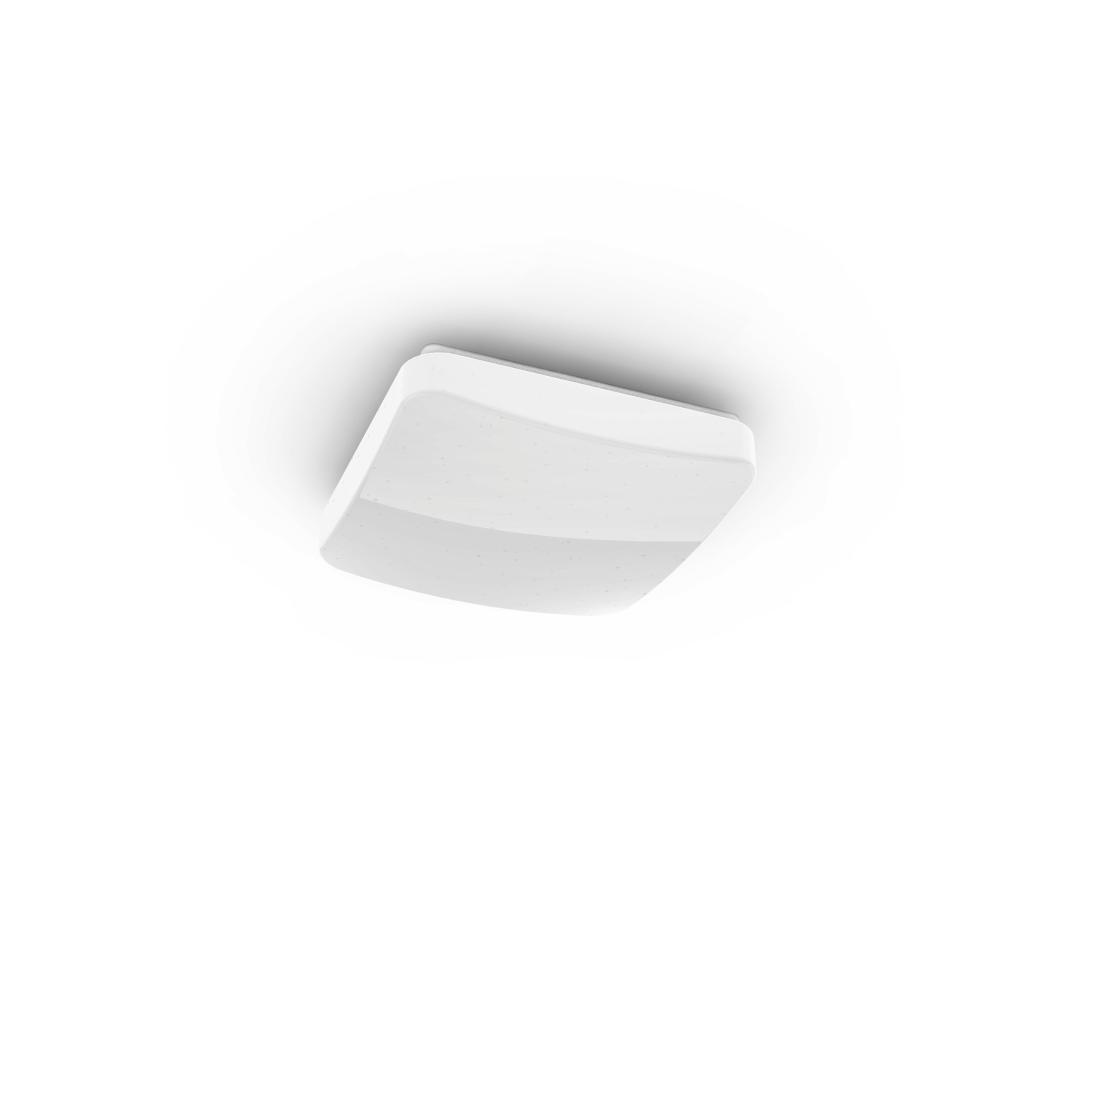 hama.de   00176546 Hama WiFi-Deckenleuchte, Glitzereffekt ...